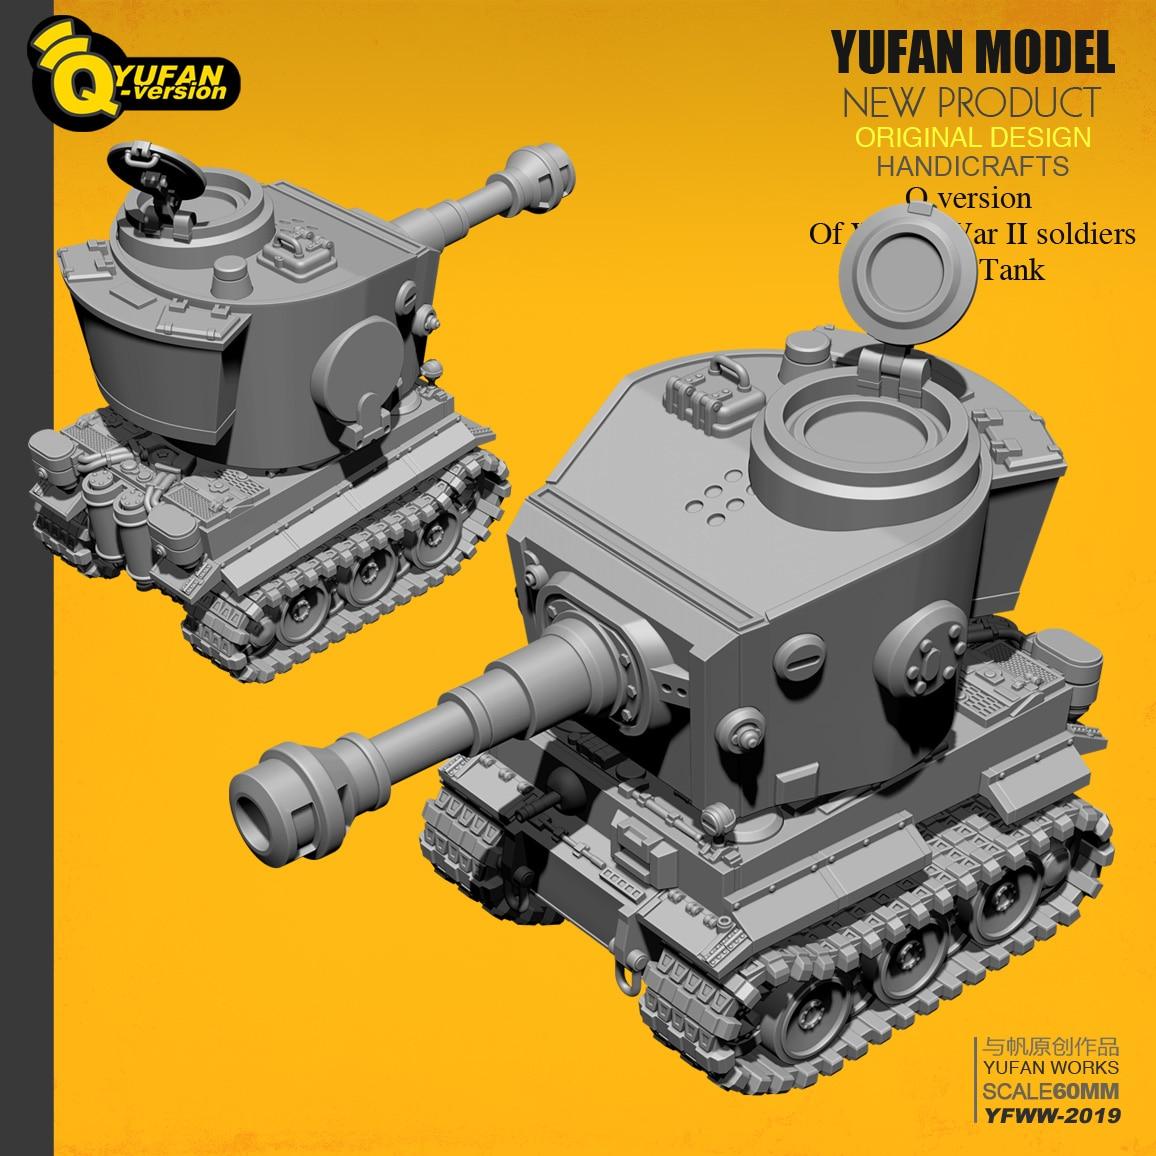 Yufan modèle Q version tigre réservoir résine modèle Yfww-2019